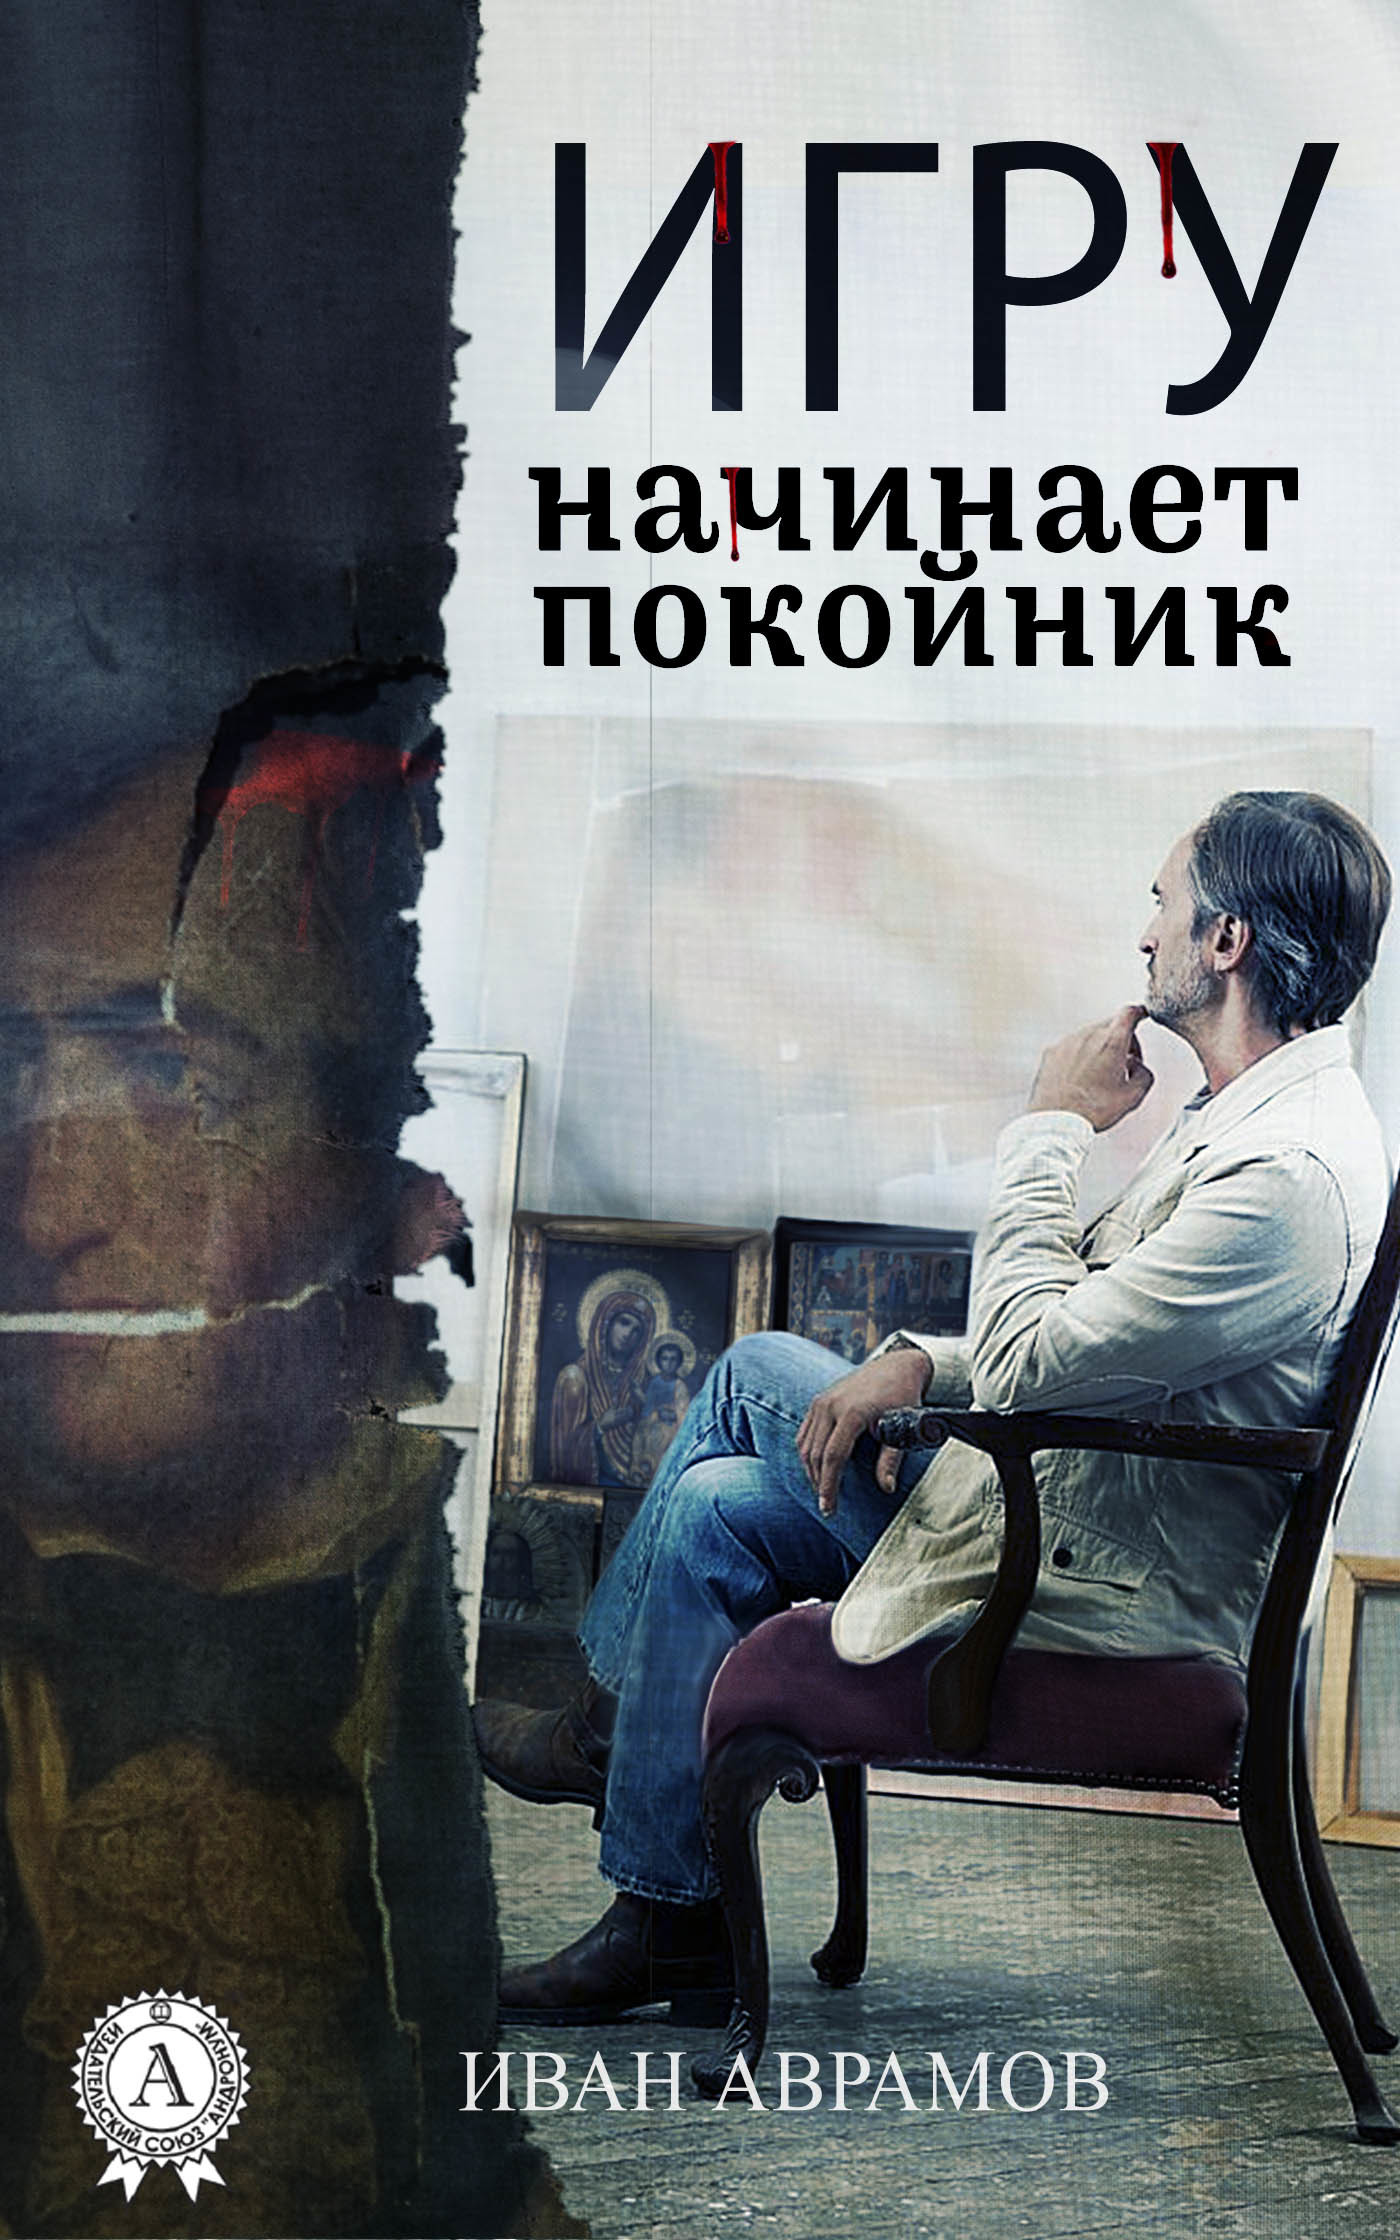 Иван Аврамов - Игру начинает покойник